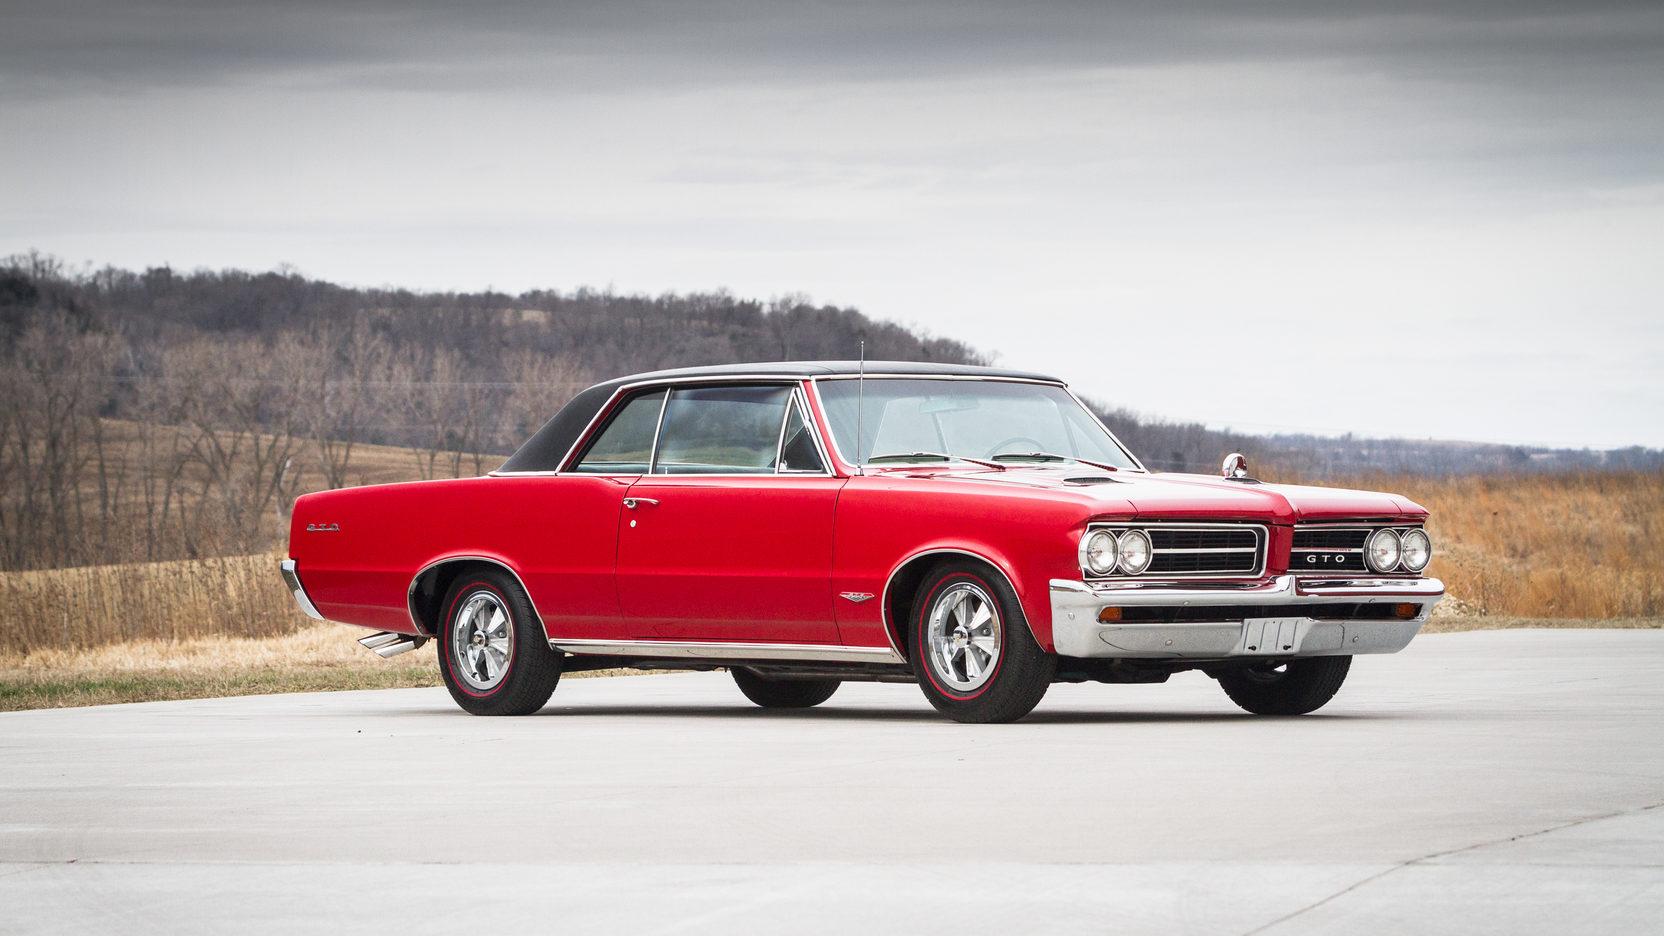 1964 Pontiac LeMans GTO front 3/4